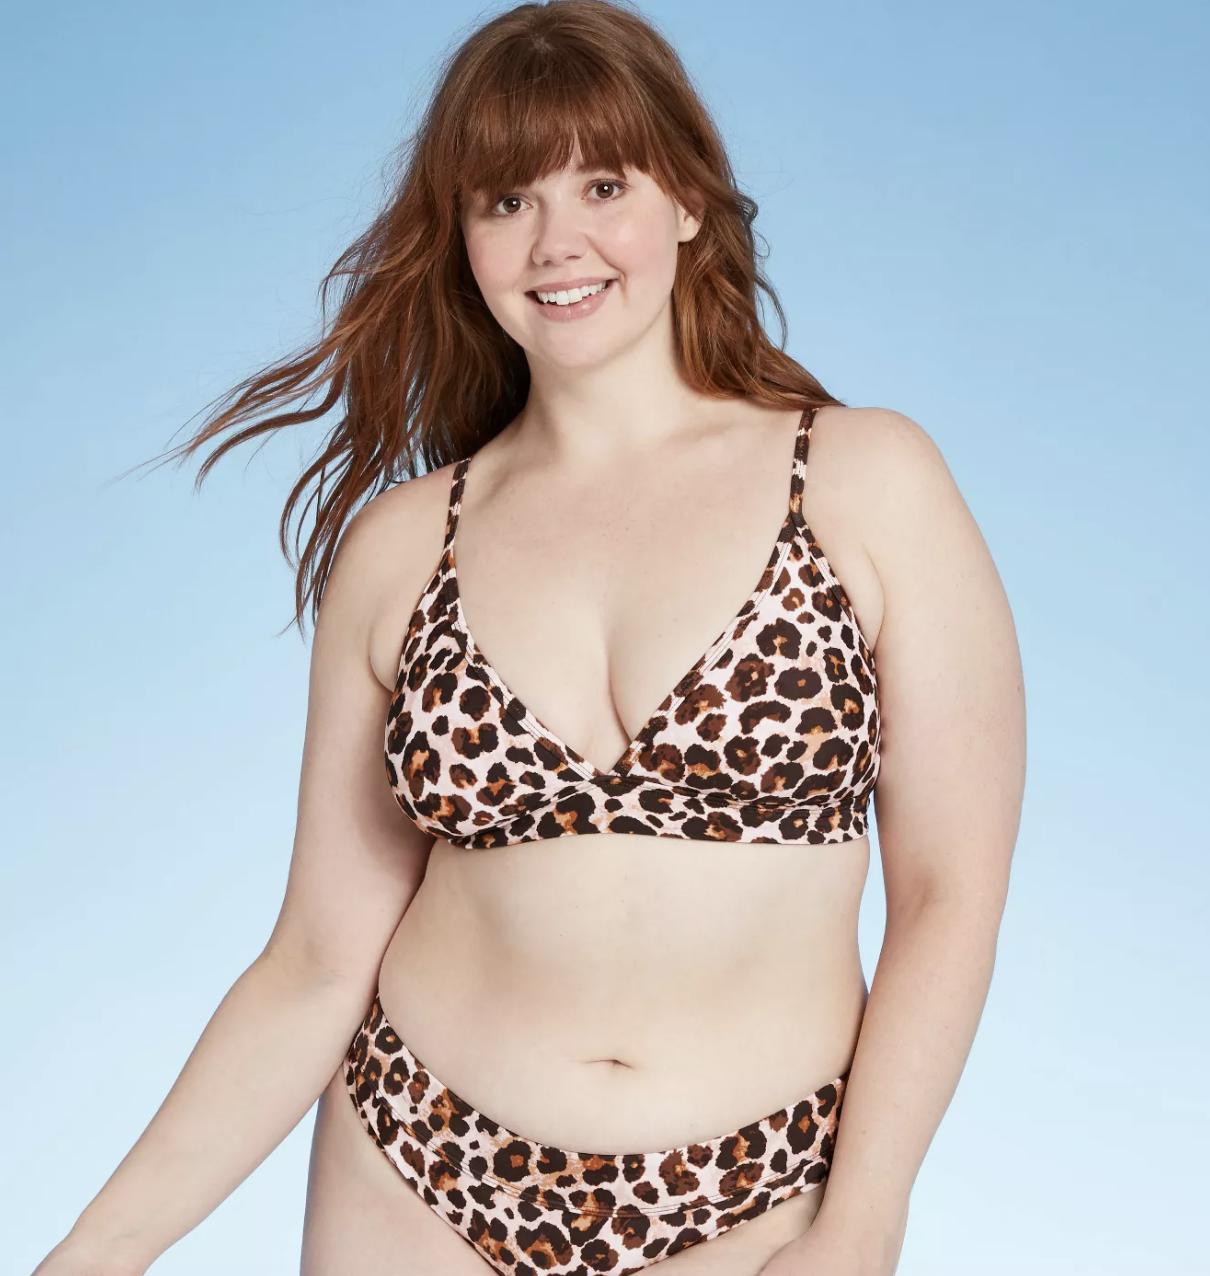 a leopard print bikini